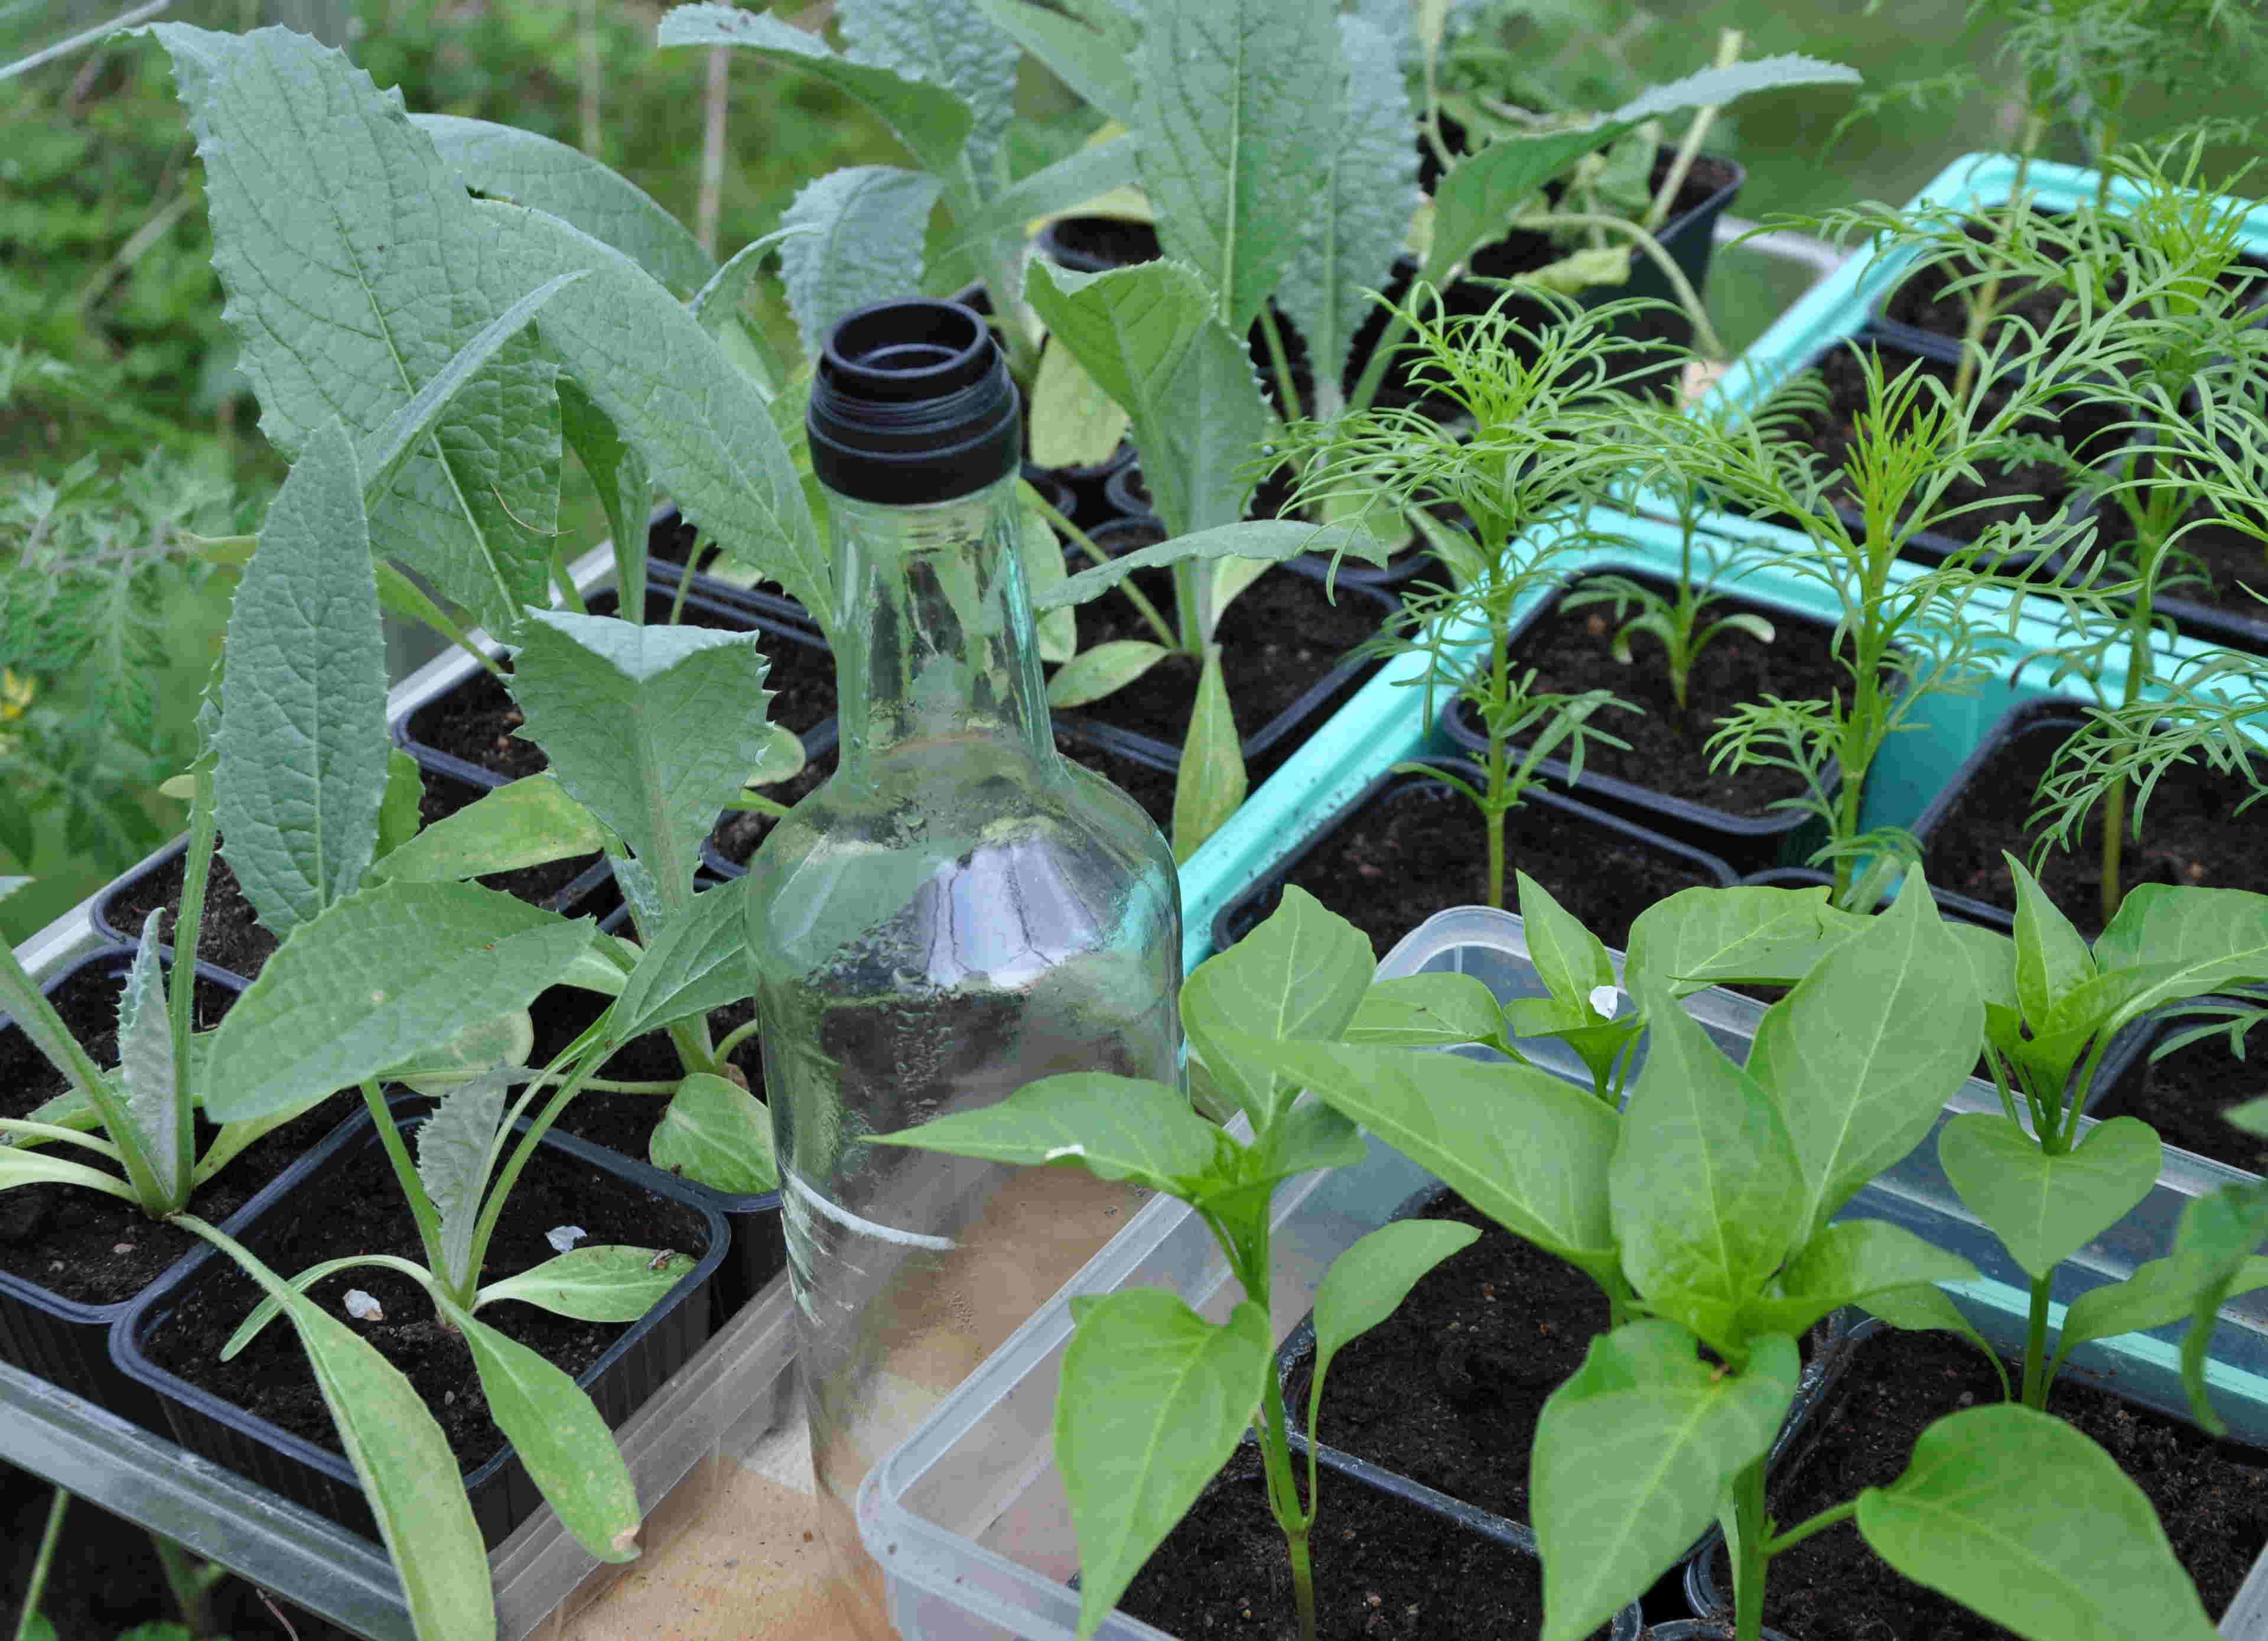 Småplantor kan gärna förodlas i växthuset där det är ljust och lagom temperatur.